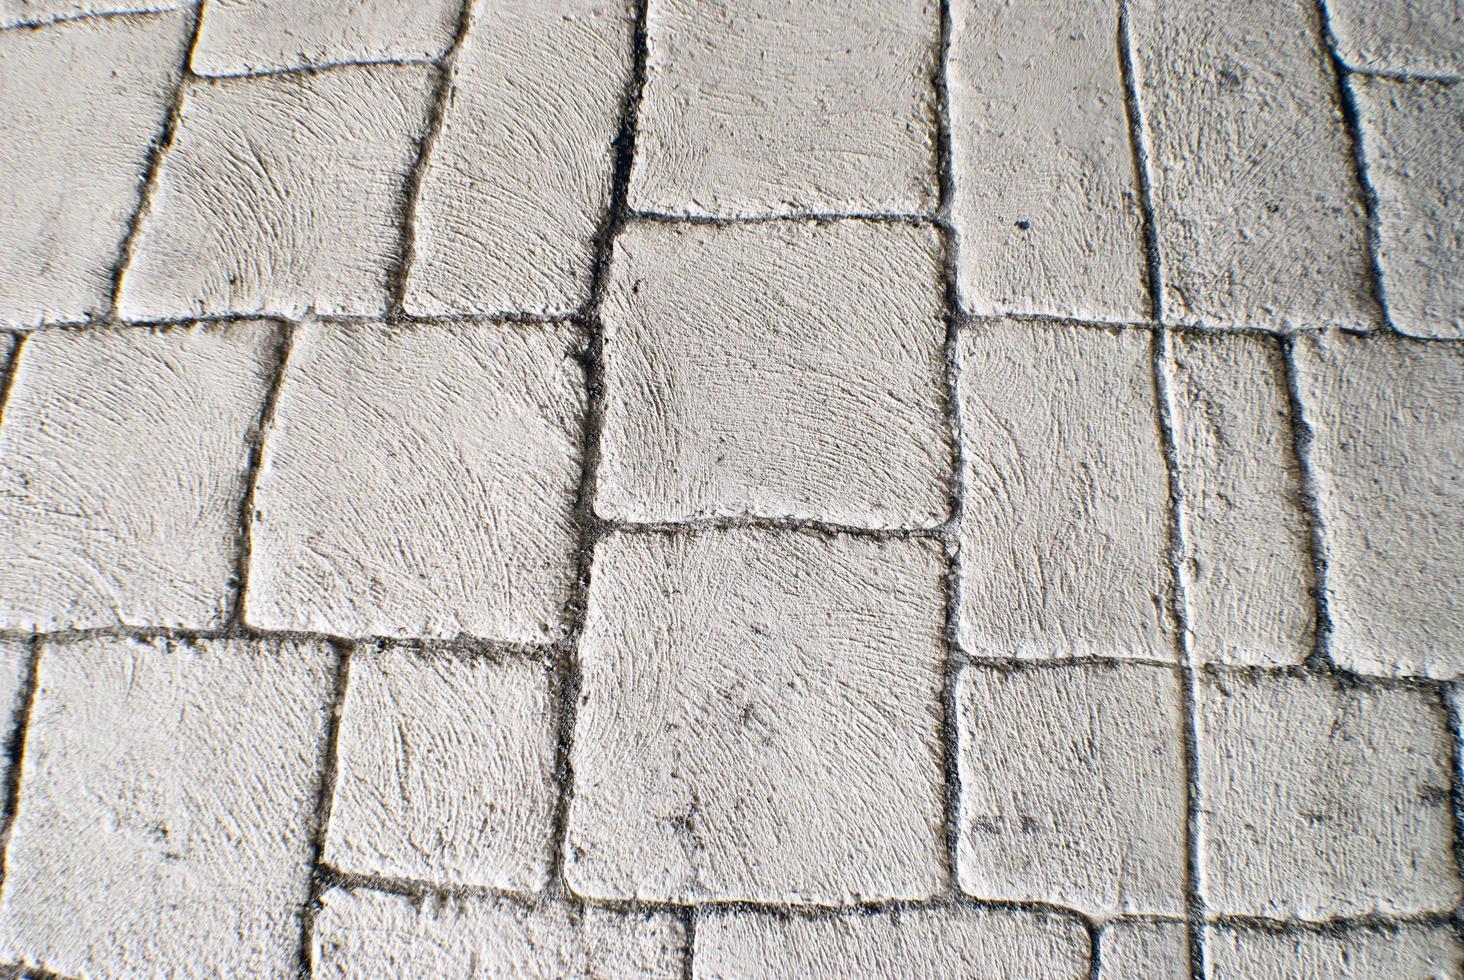 texturerad bakgrund av vita utläggare under en bro foto